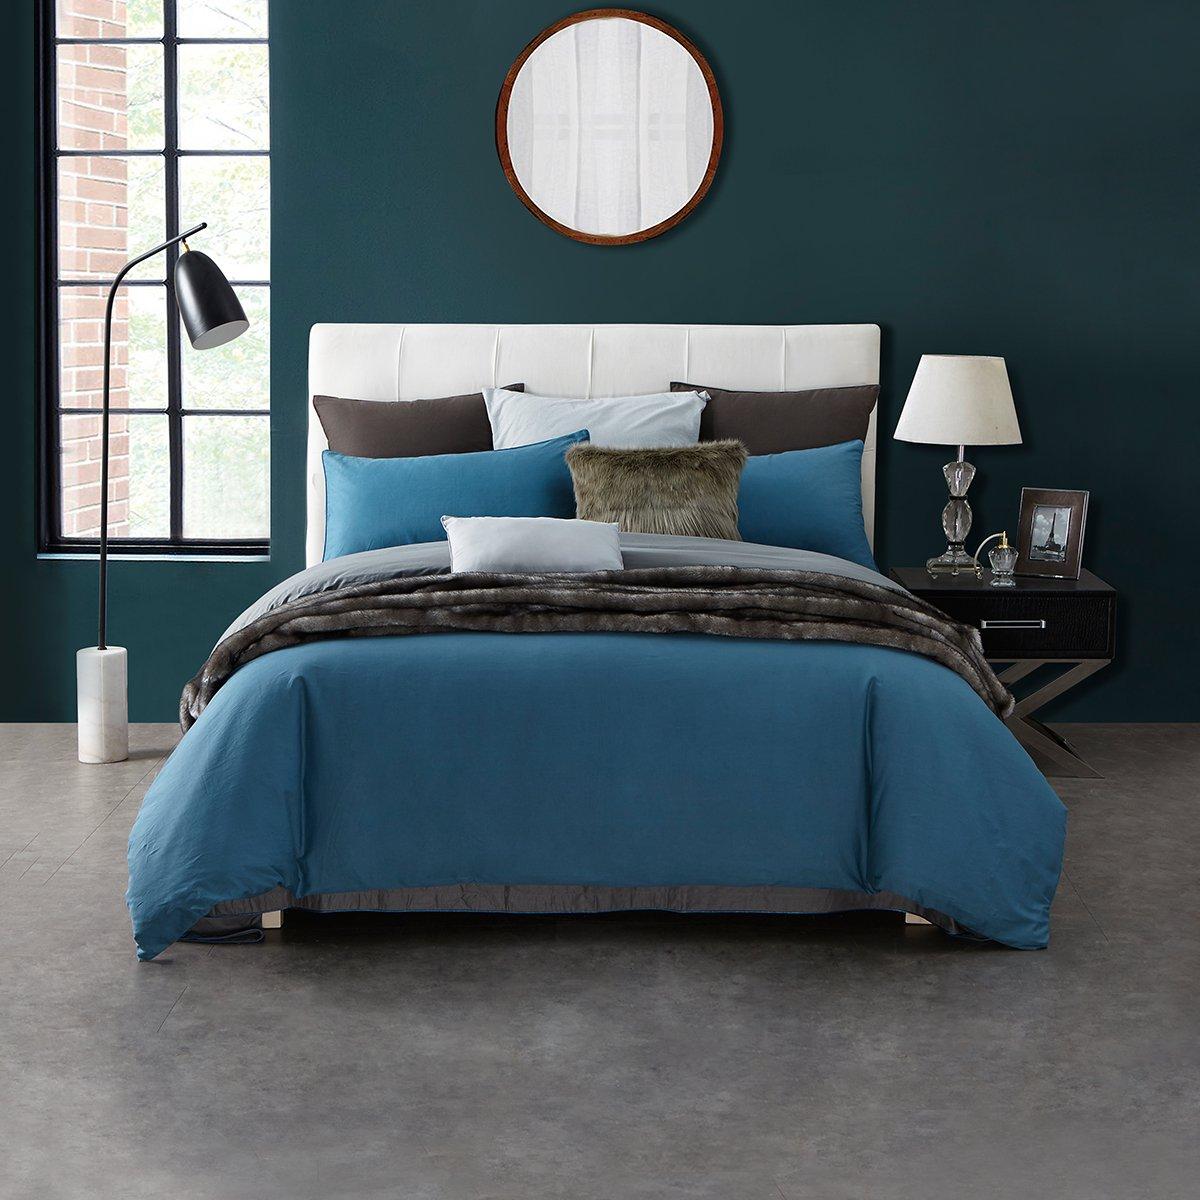 Ramada酒店家纺AB面被套床单式秋冬保暖全棉被单纯色床上用品纯棉四件套BS171010N